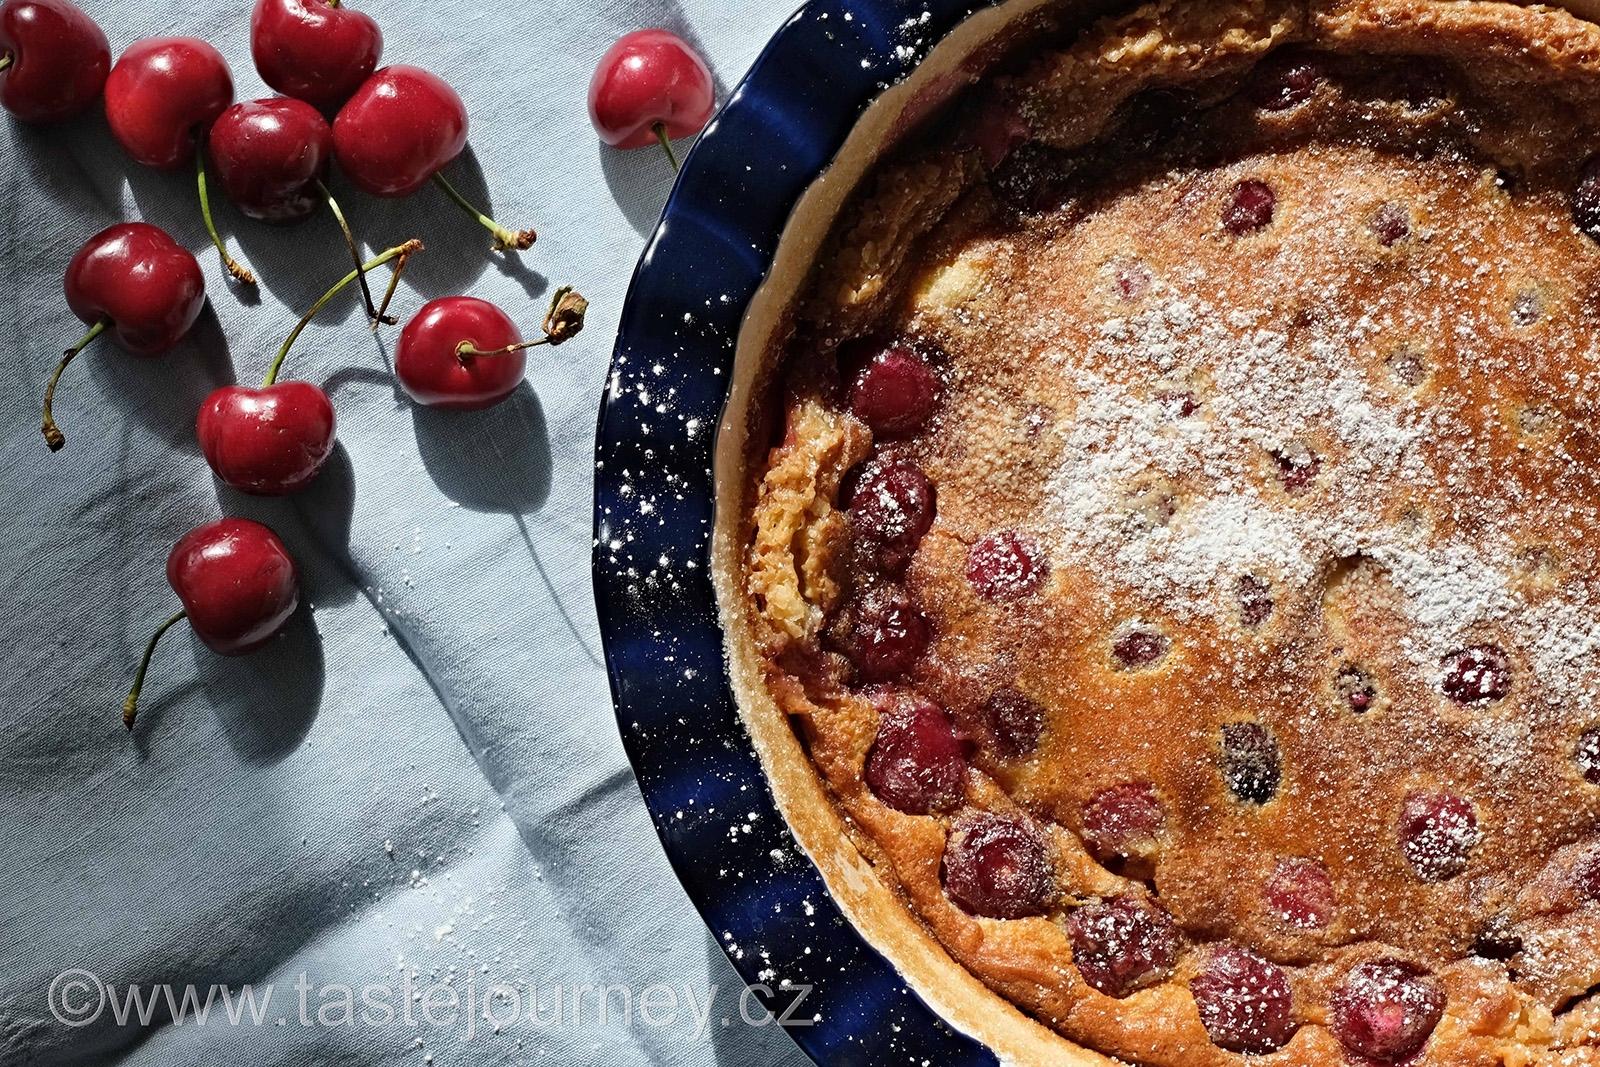 Clafoutis je typicky letní záležitost, nadýchaný, lehounký, spíše připomínající puding anebo nákyp než pravý koláč